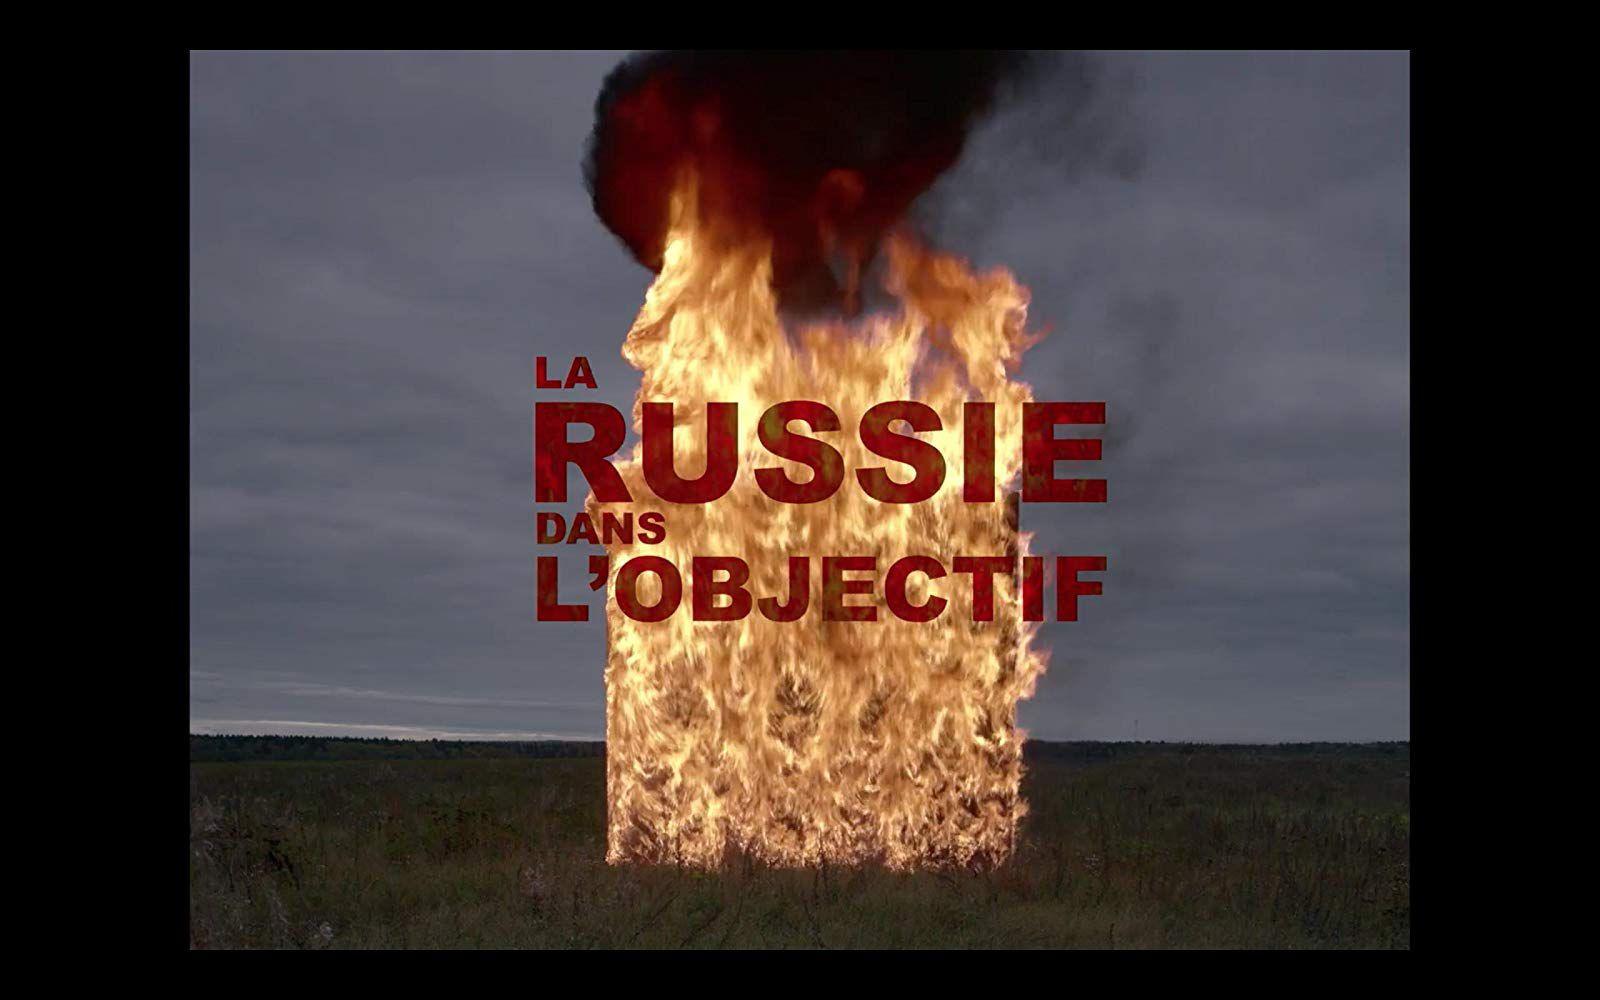 La russie dans l'objectif - Documentaire (2018)